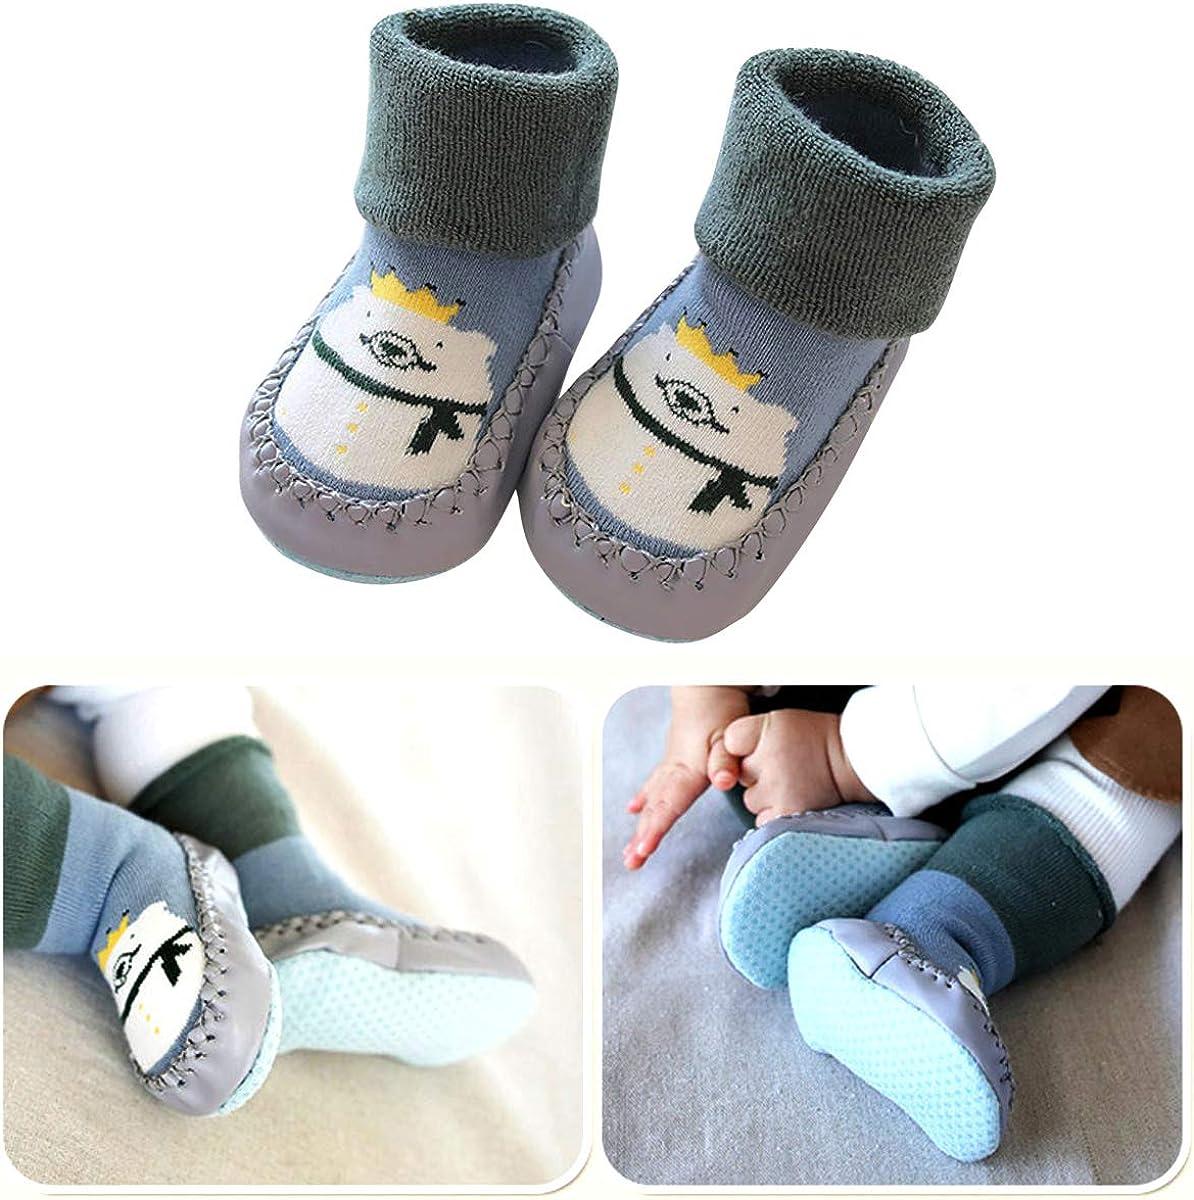 NATUCE Calcetines de Bebe Antideslizantes Zapatos Bebe de Primer Paso Casa Calcetines de Piso Calcetines Grueso de Invierno con Suela Blanda para Beb/és Ni/ña Ni/ño